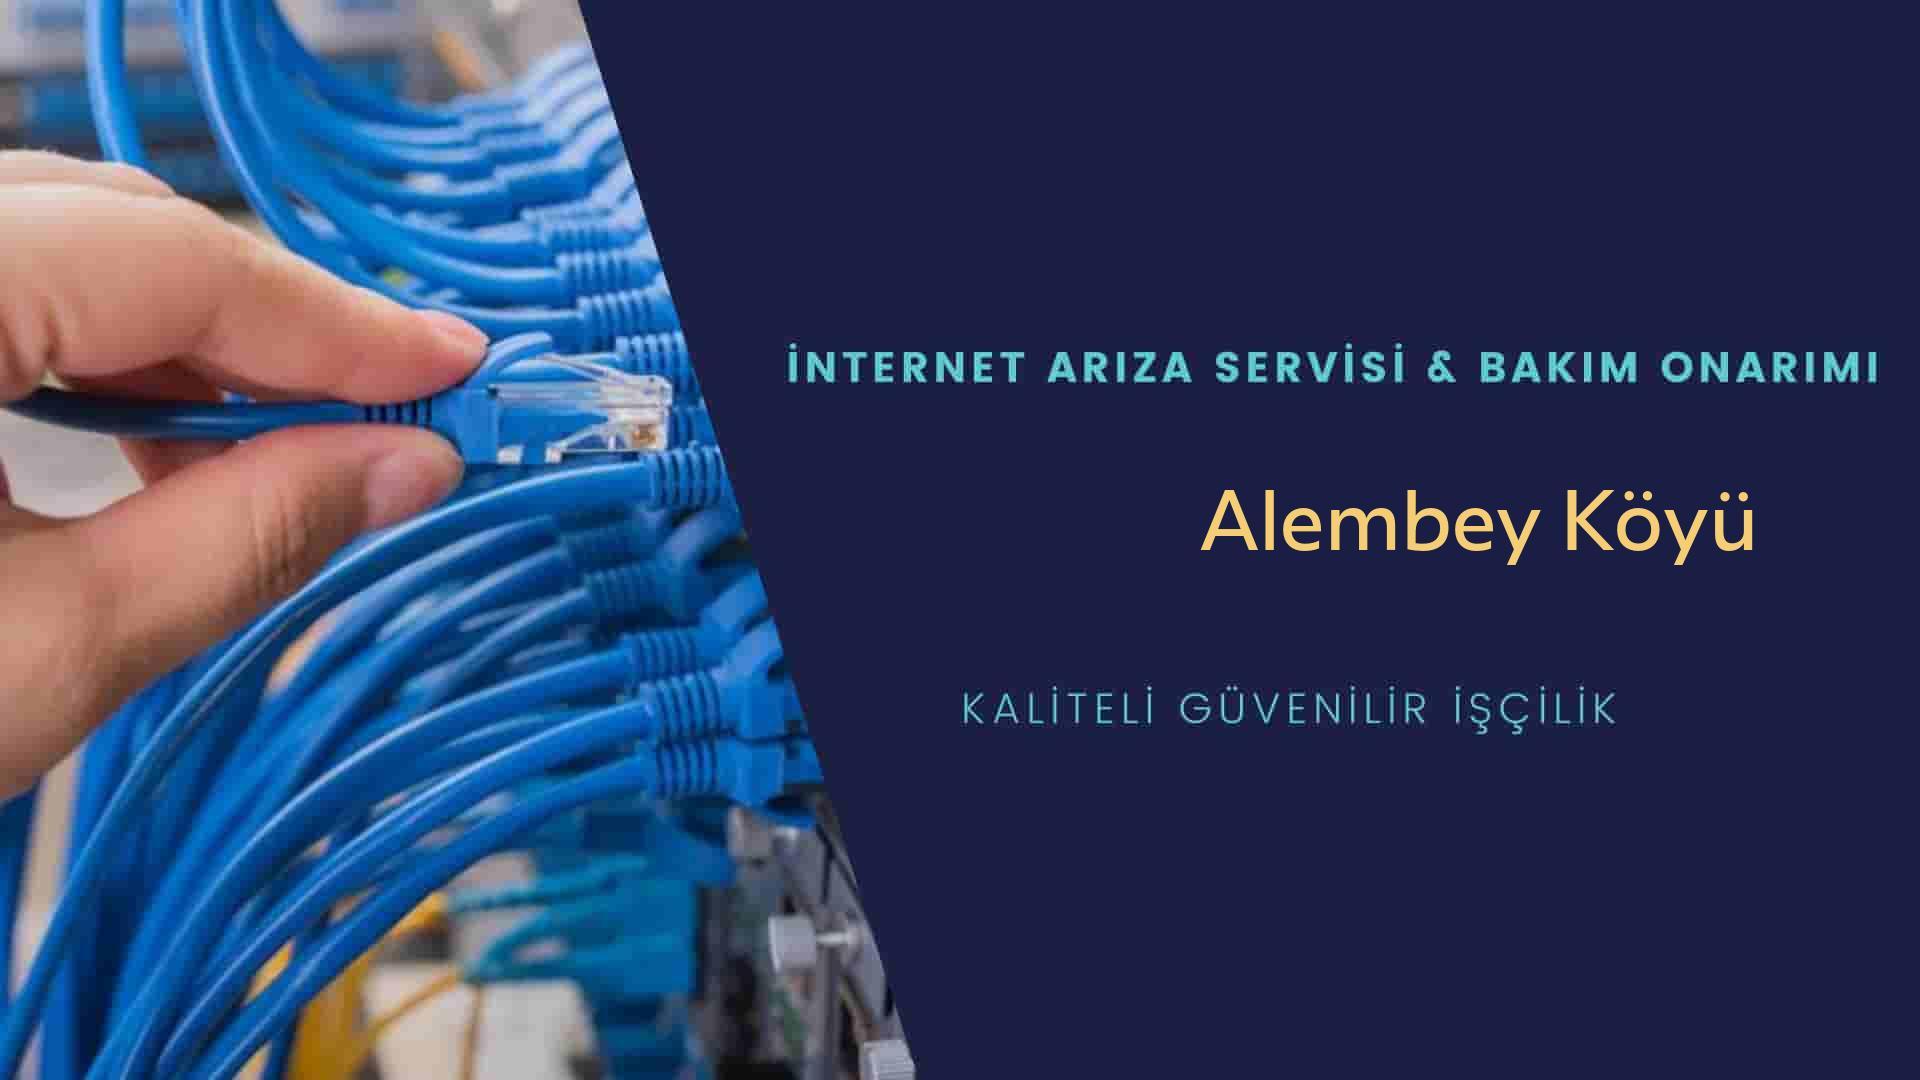 Alembey Köyü internet kablosu çekimi yapan yerler veya elektrikçiler mi? arıyorsunuz doğru yerdesiniz o zaman sizlere 7/24 yardımcı olacak profesyonel ustalarımız bir telefon kadar yakındır size.